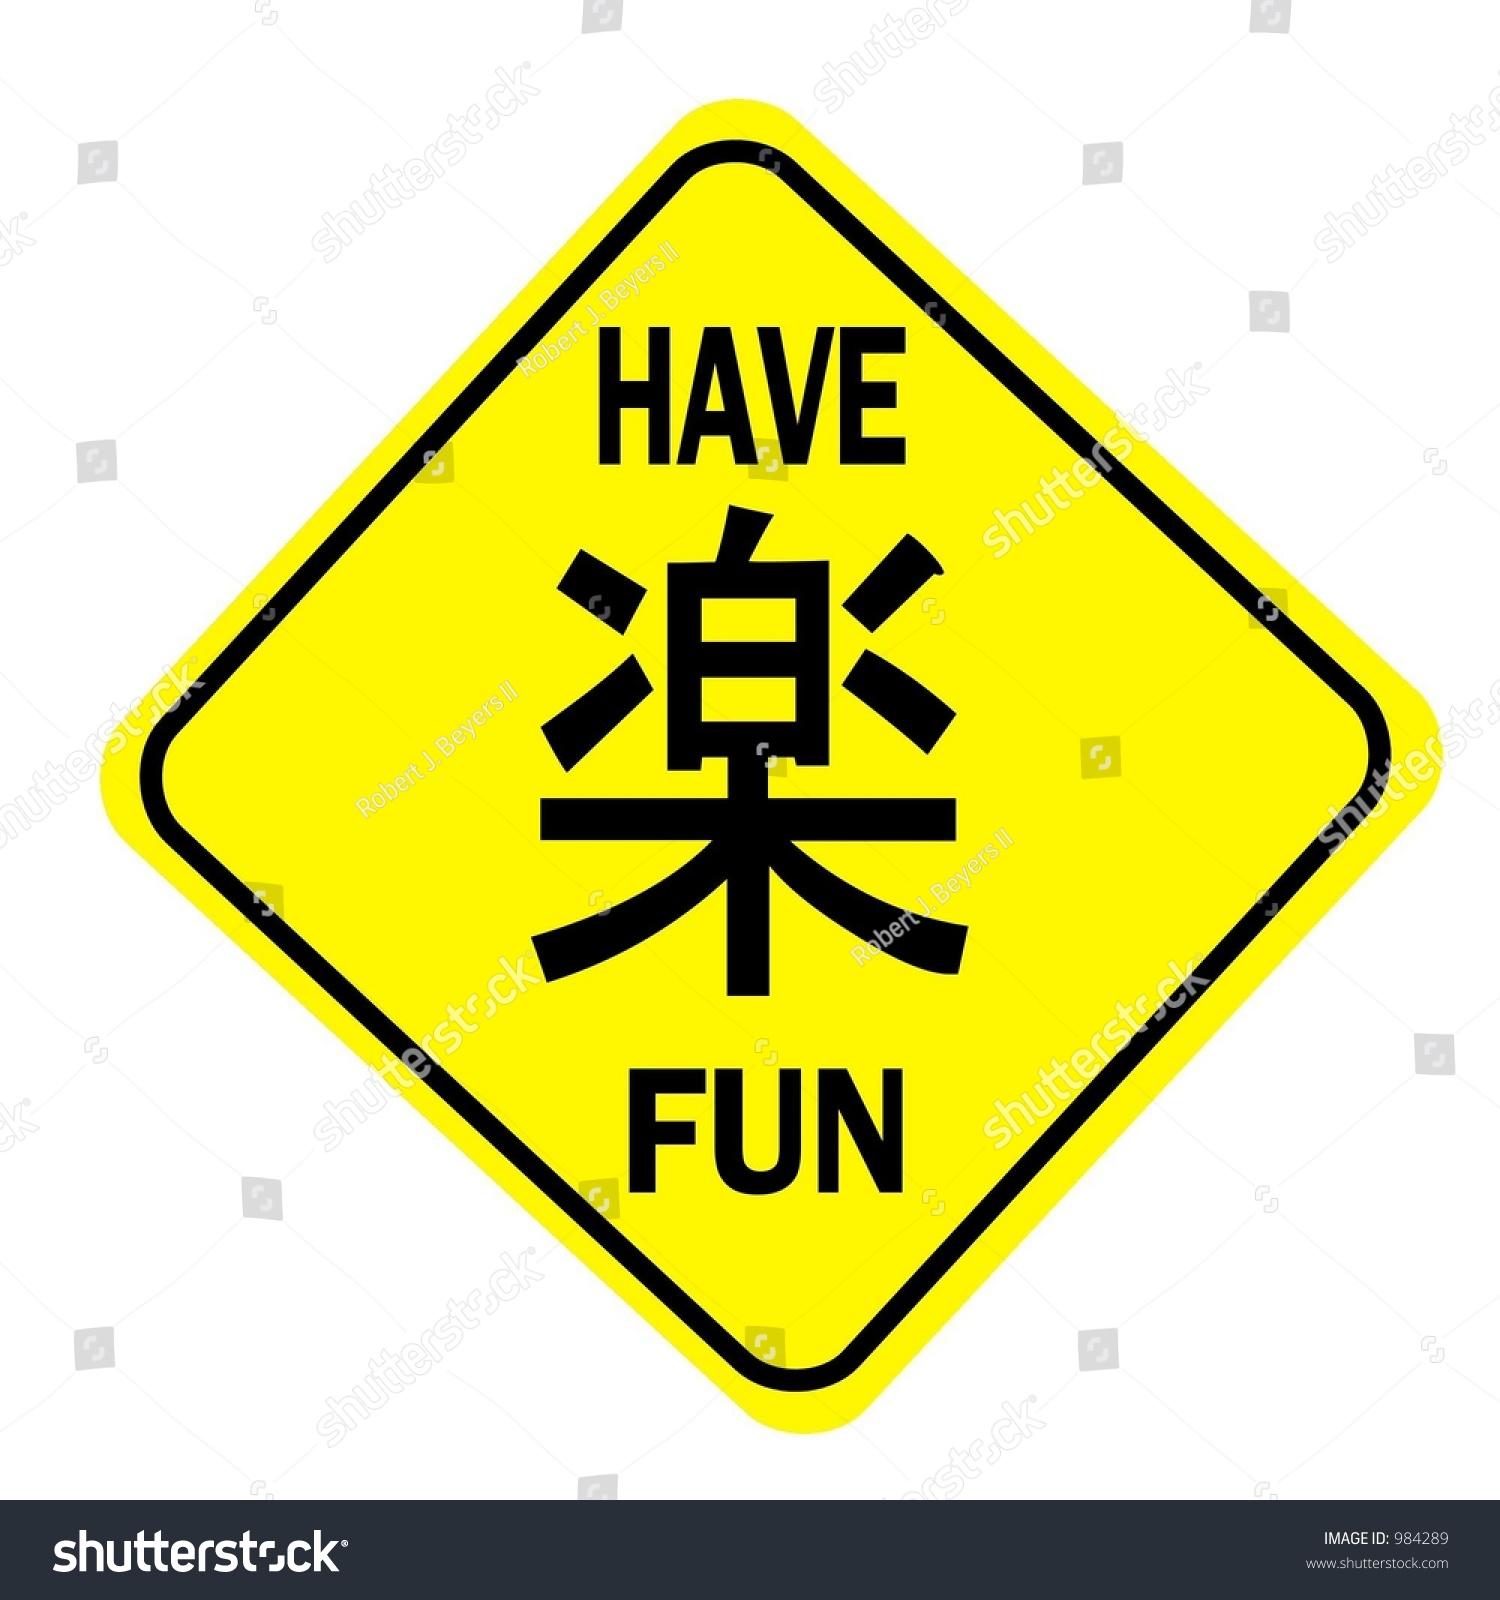 Have Fun Message On Yellow Diamond Stock Illustration 984289